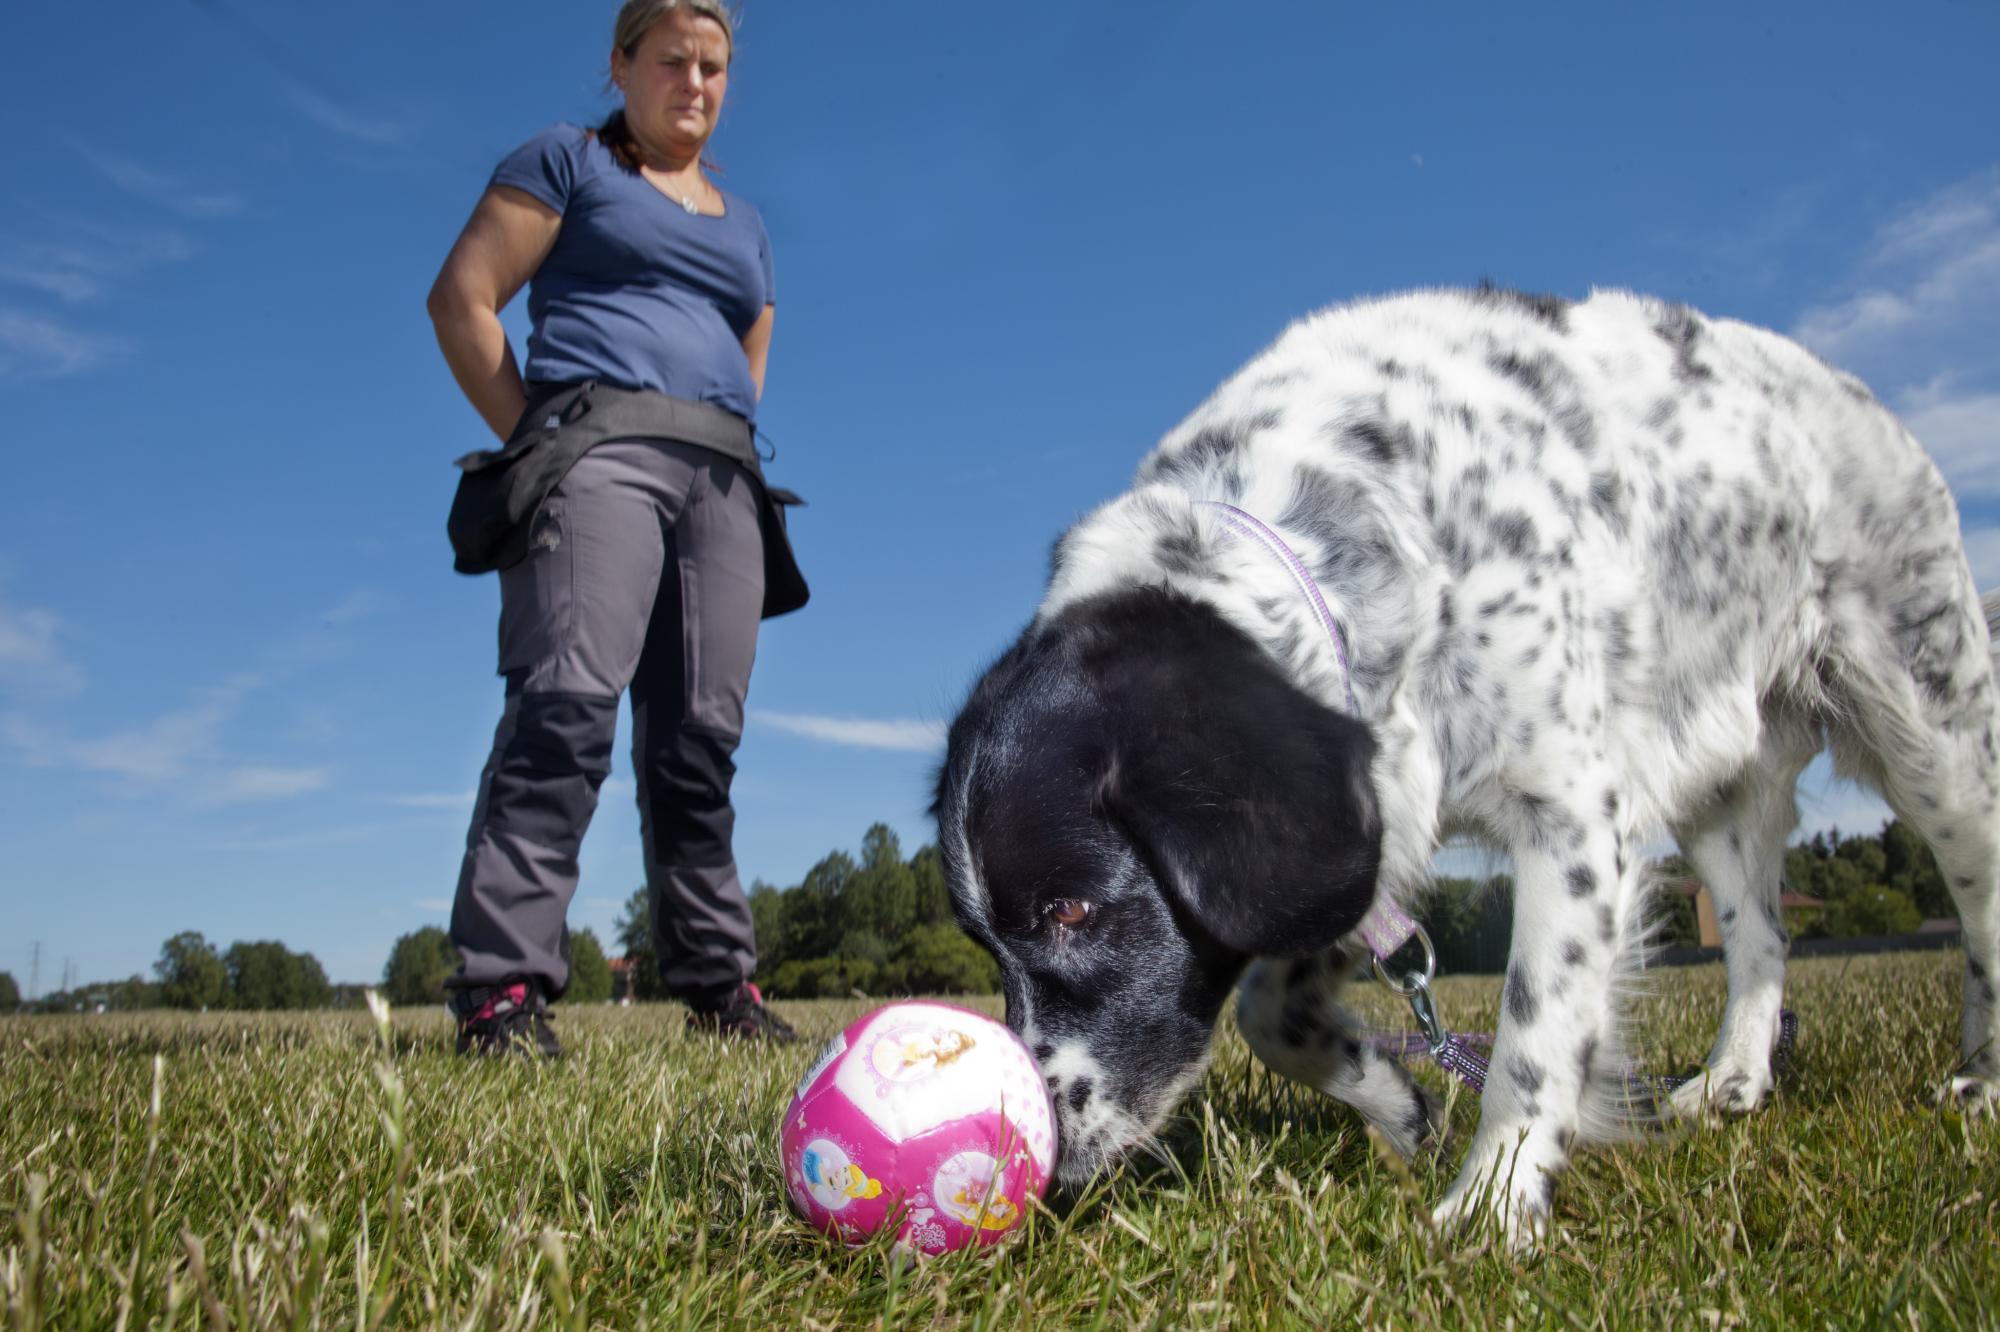 När hunden kan alternera mellan sex olika beteenden är det dax att lära den nya beteenden som den inte redan kan på kommando. <span class=\